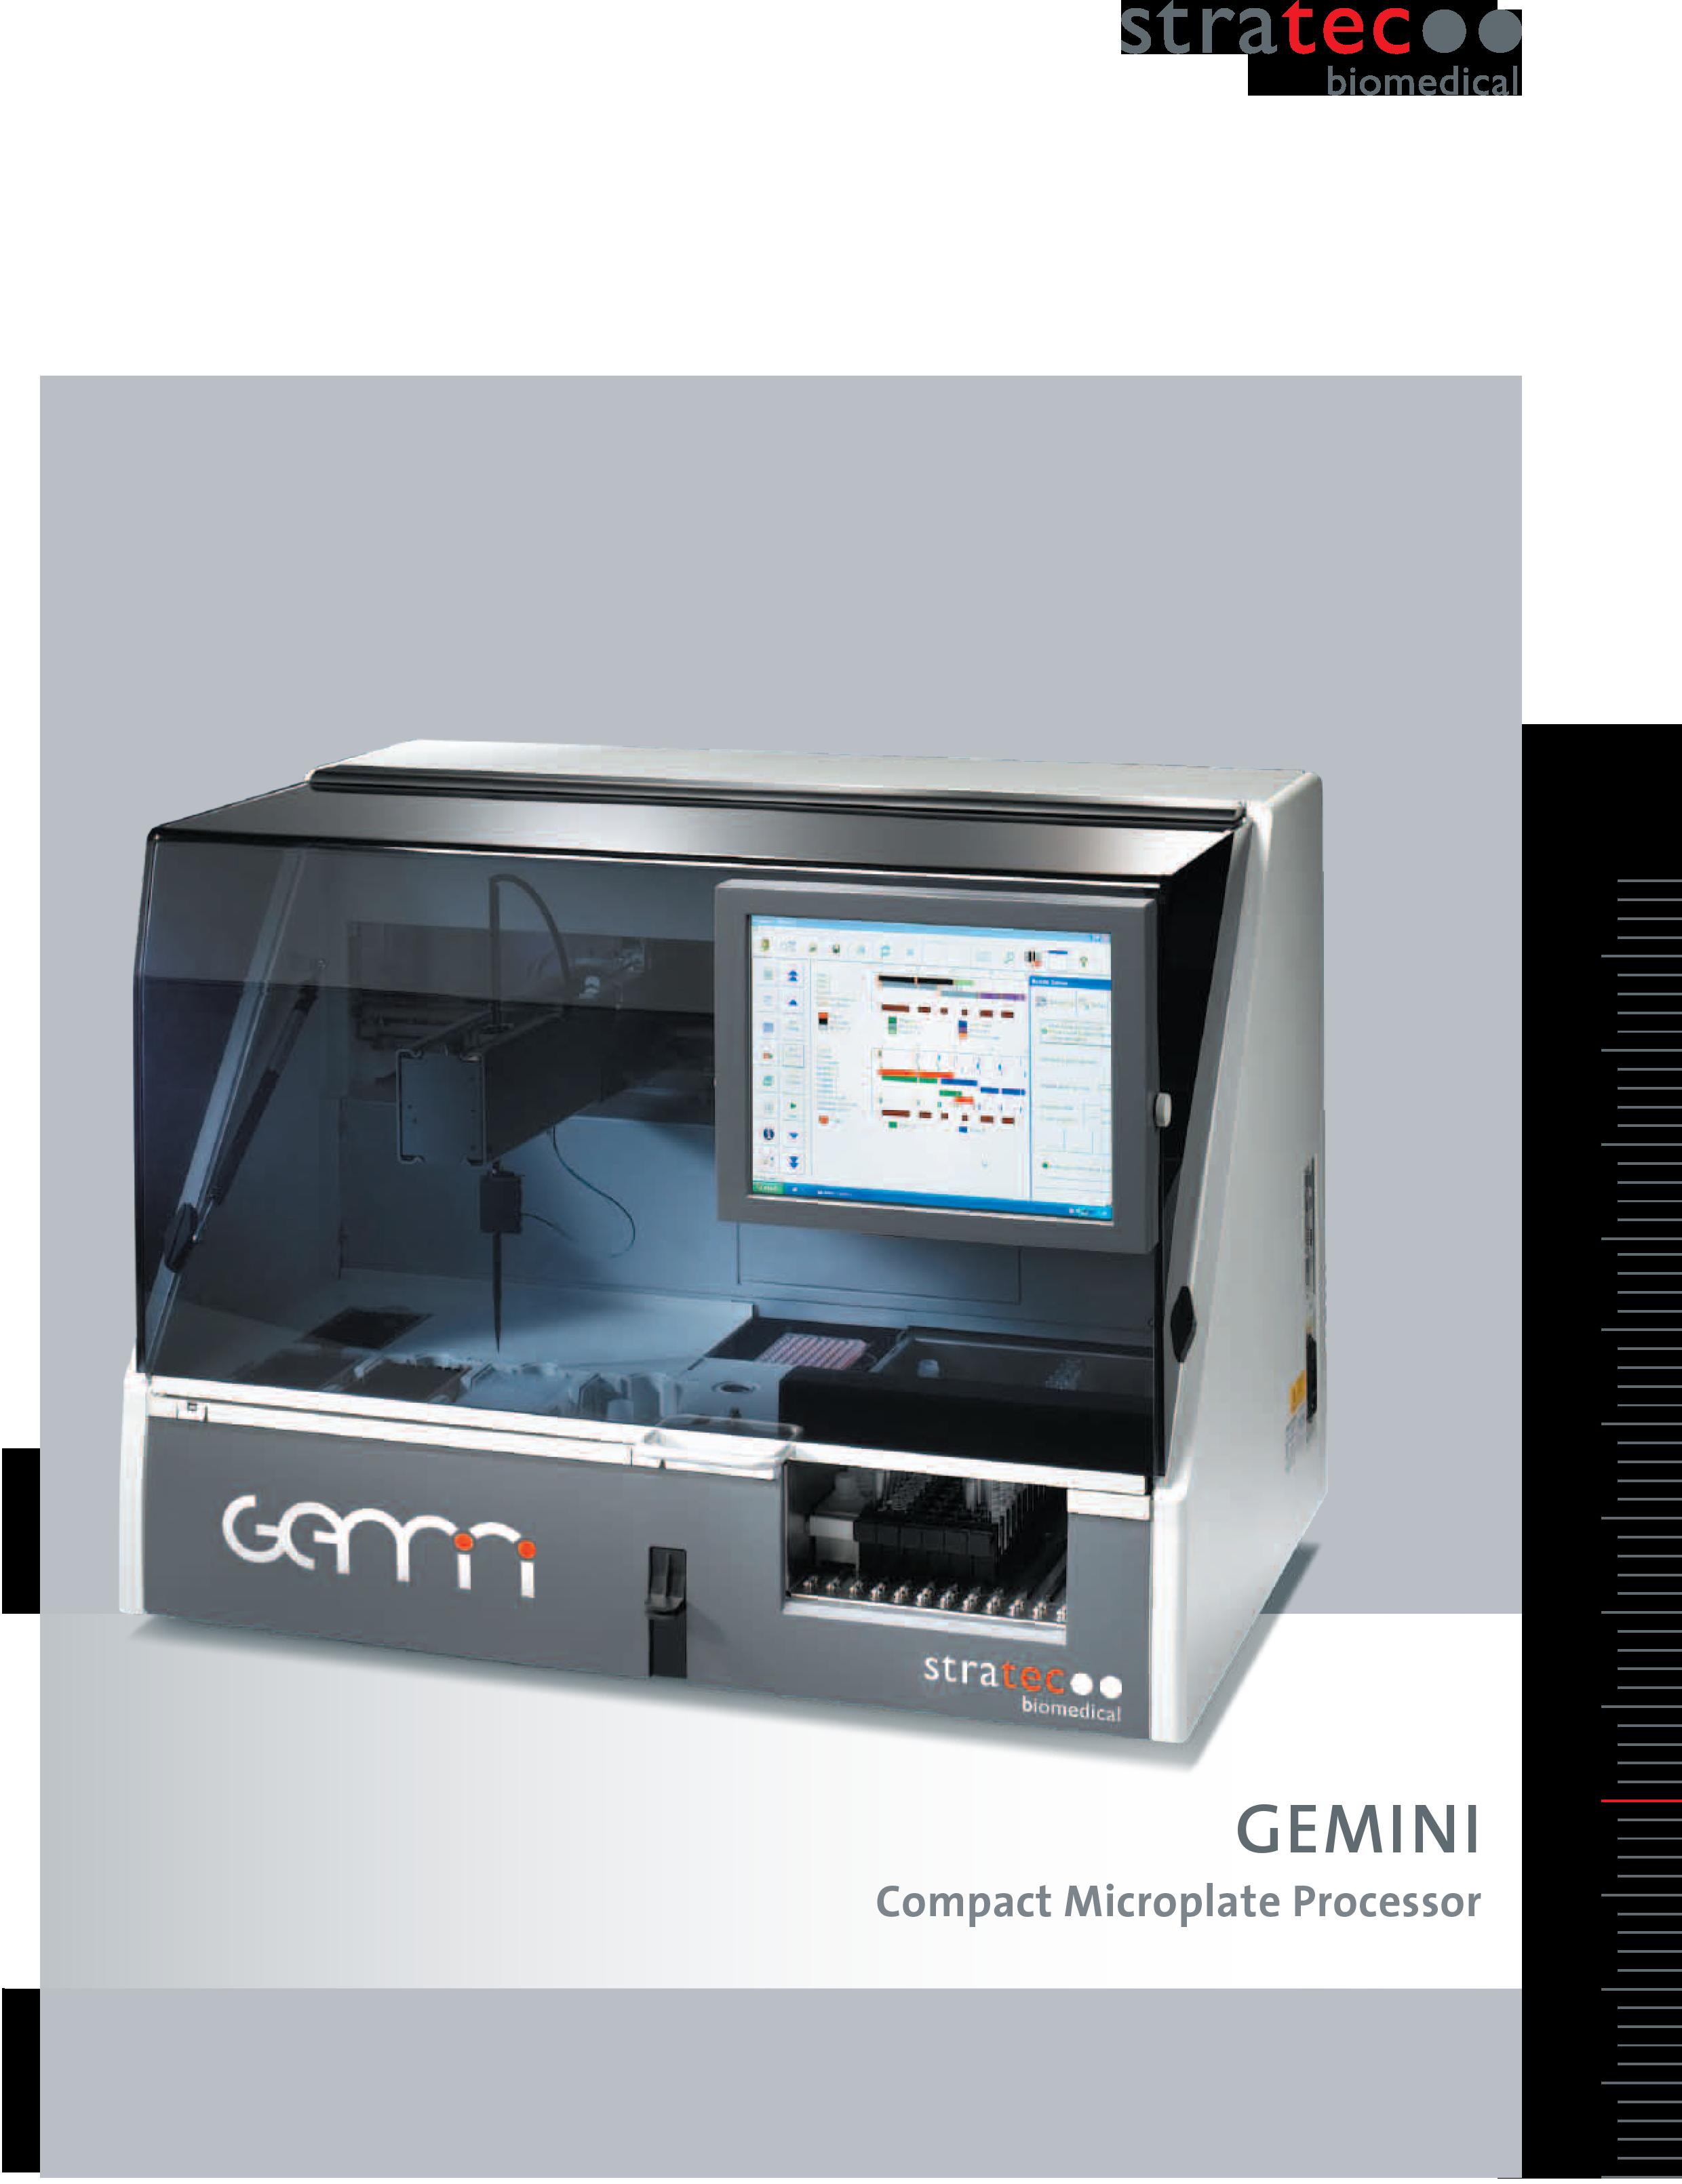 STRATEC_instrumentation_Gemini_201205-1.png